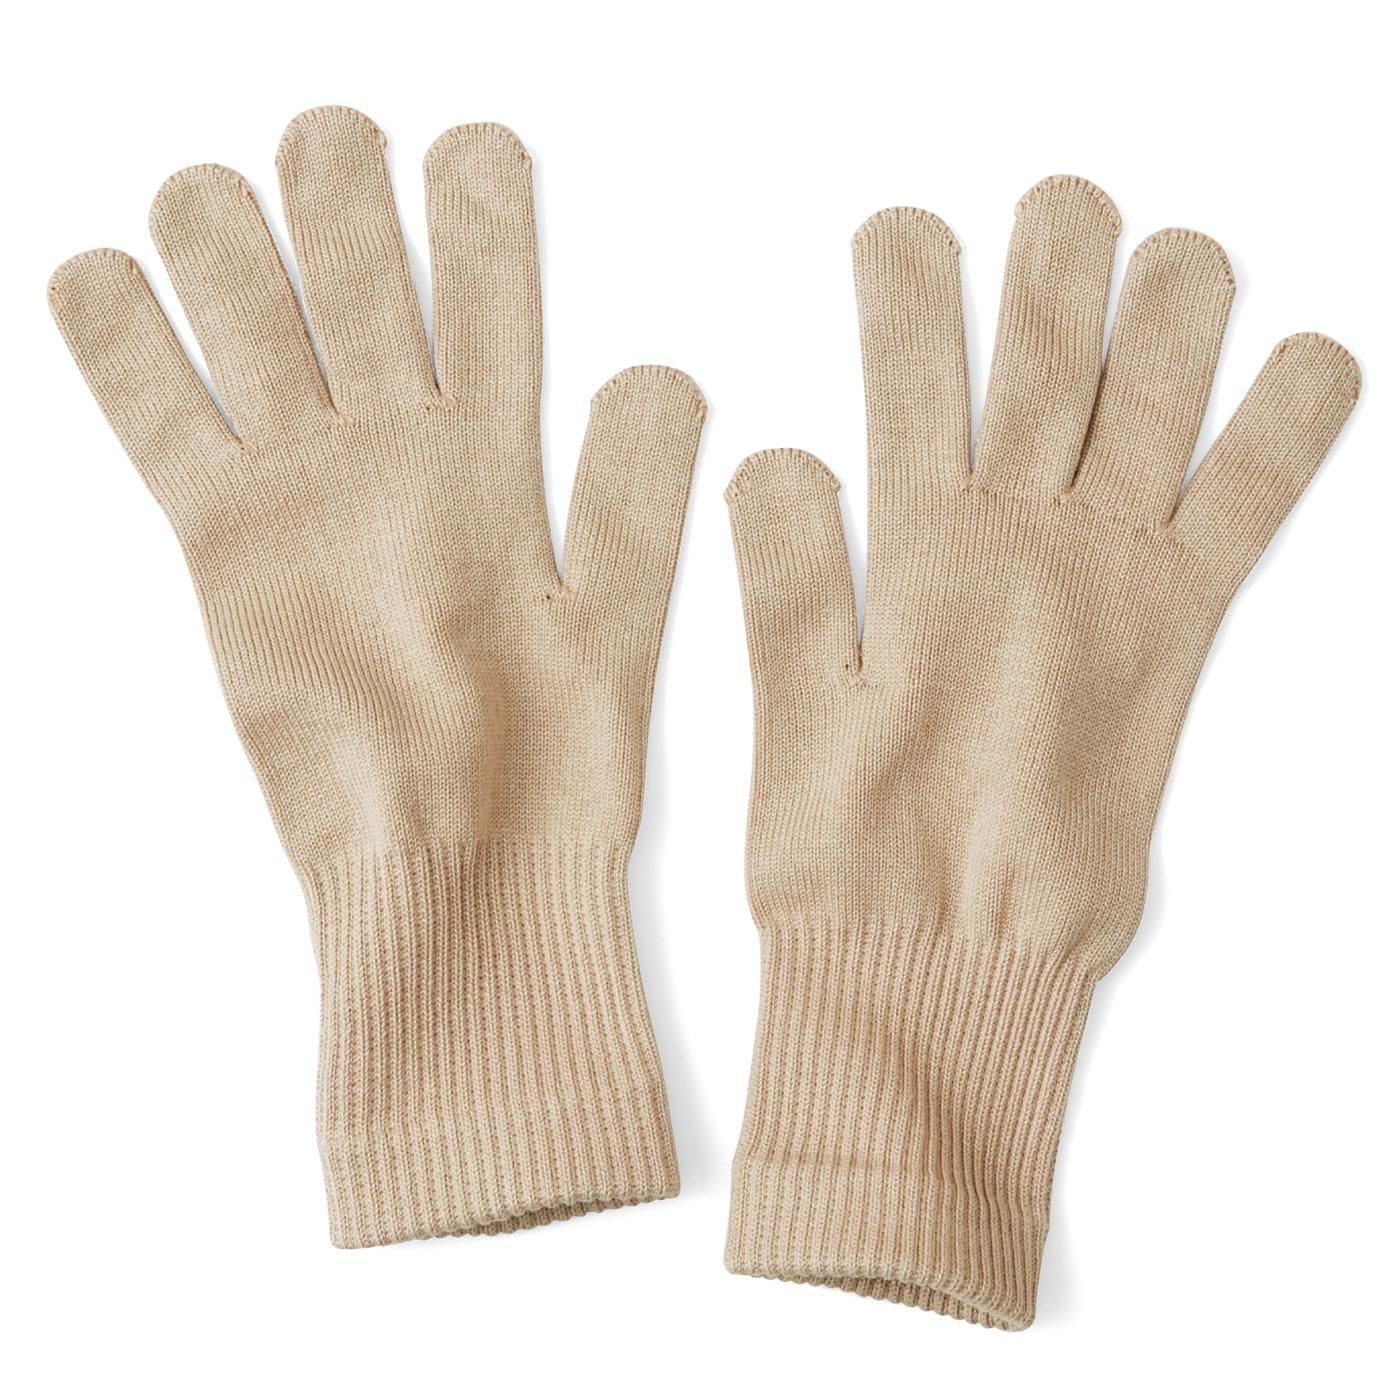 シルク好き必見 一日中使えるおやすみ手袋